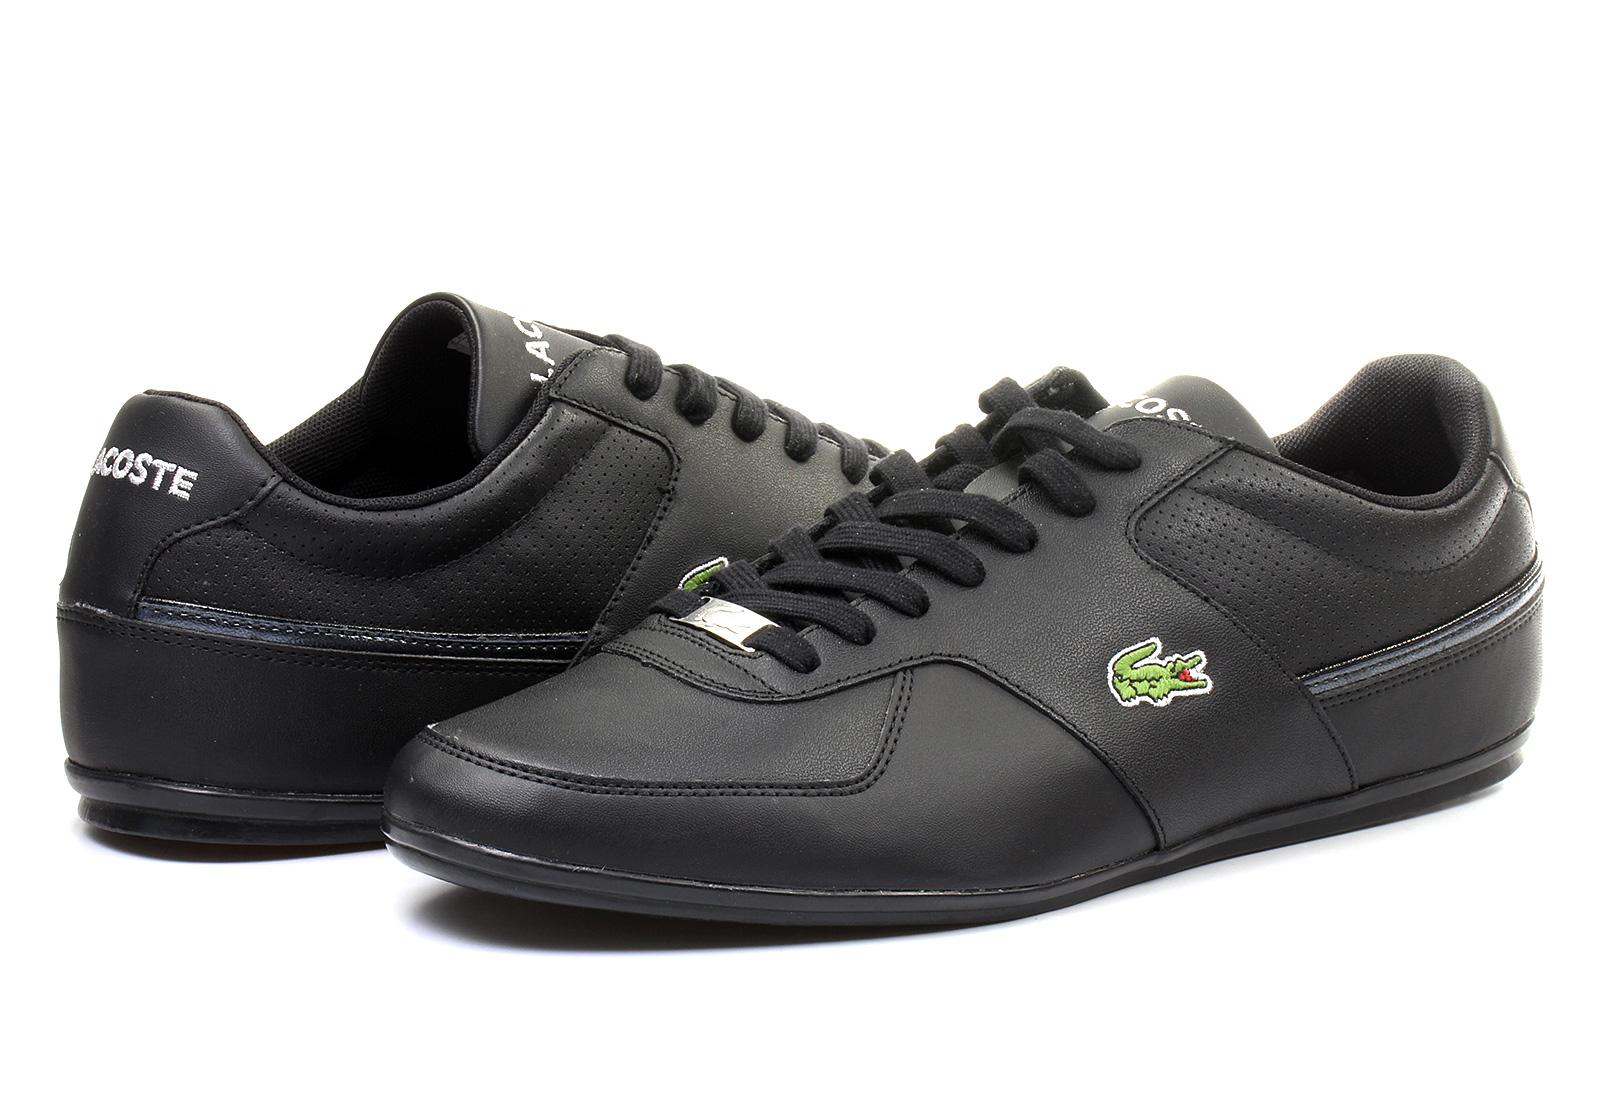 lacoste shoes taloire sport 143spm0068 02h